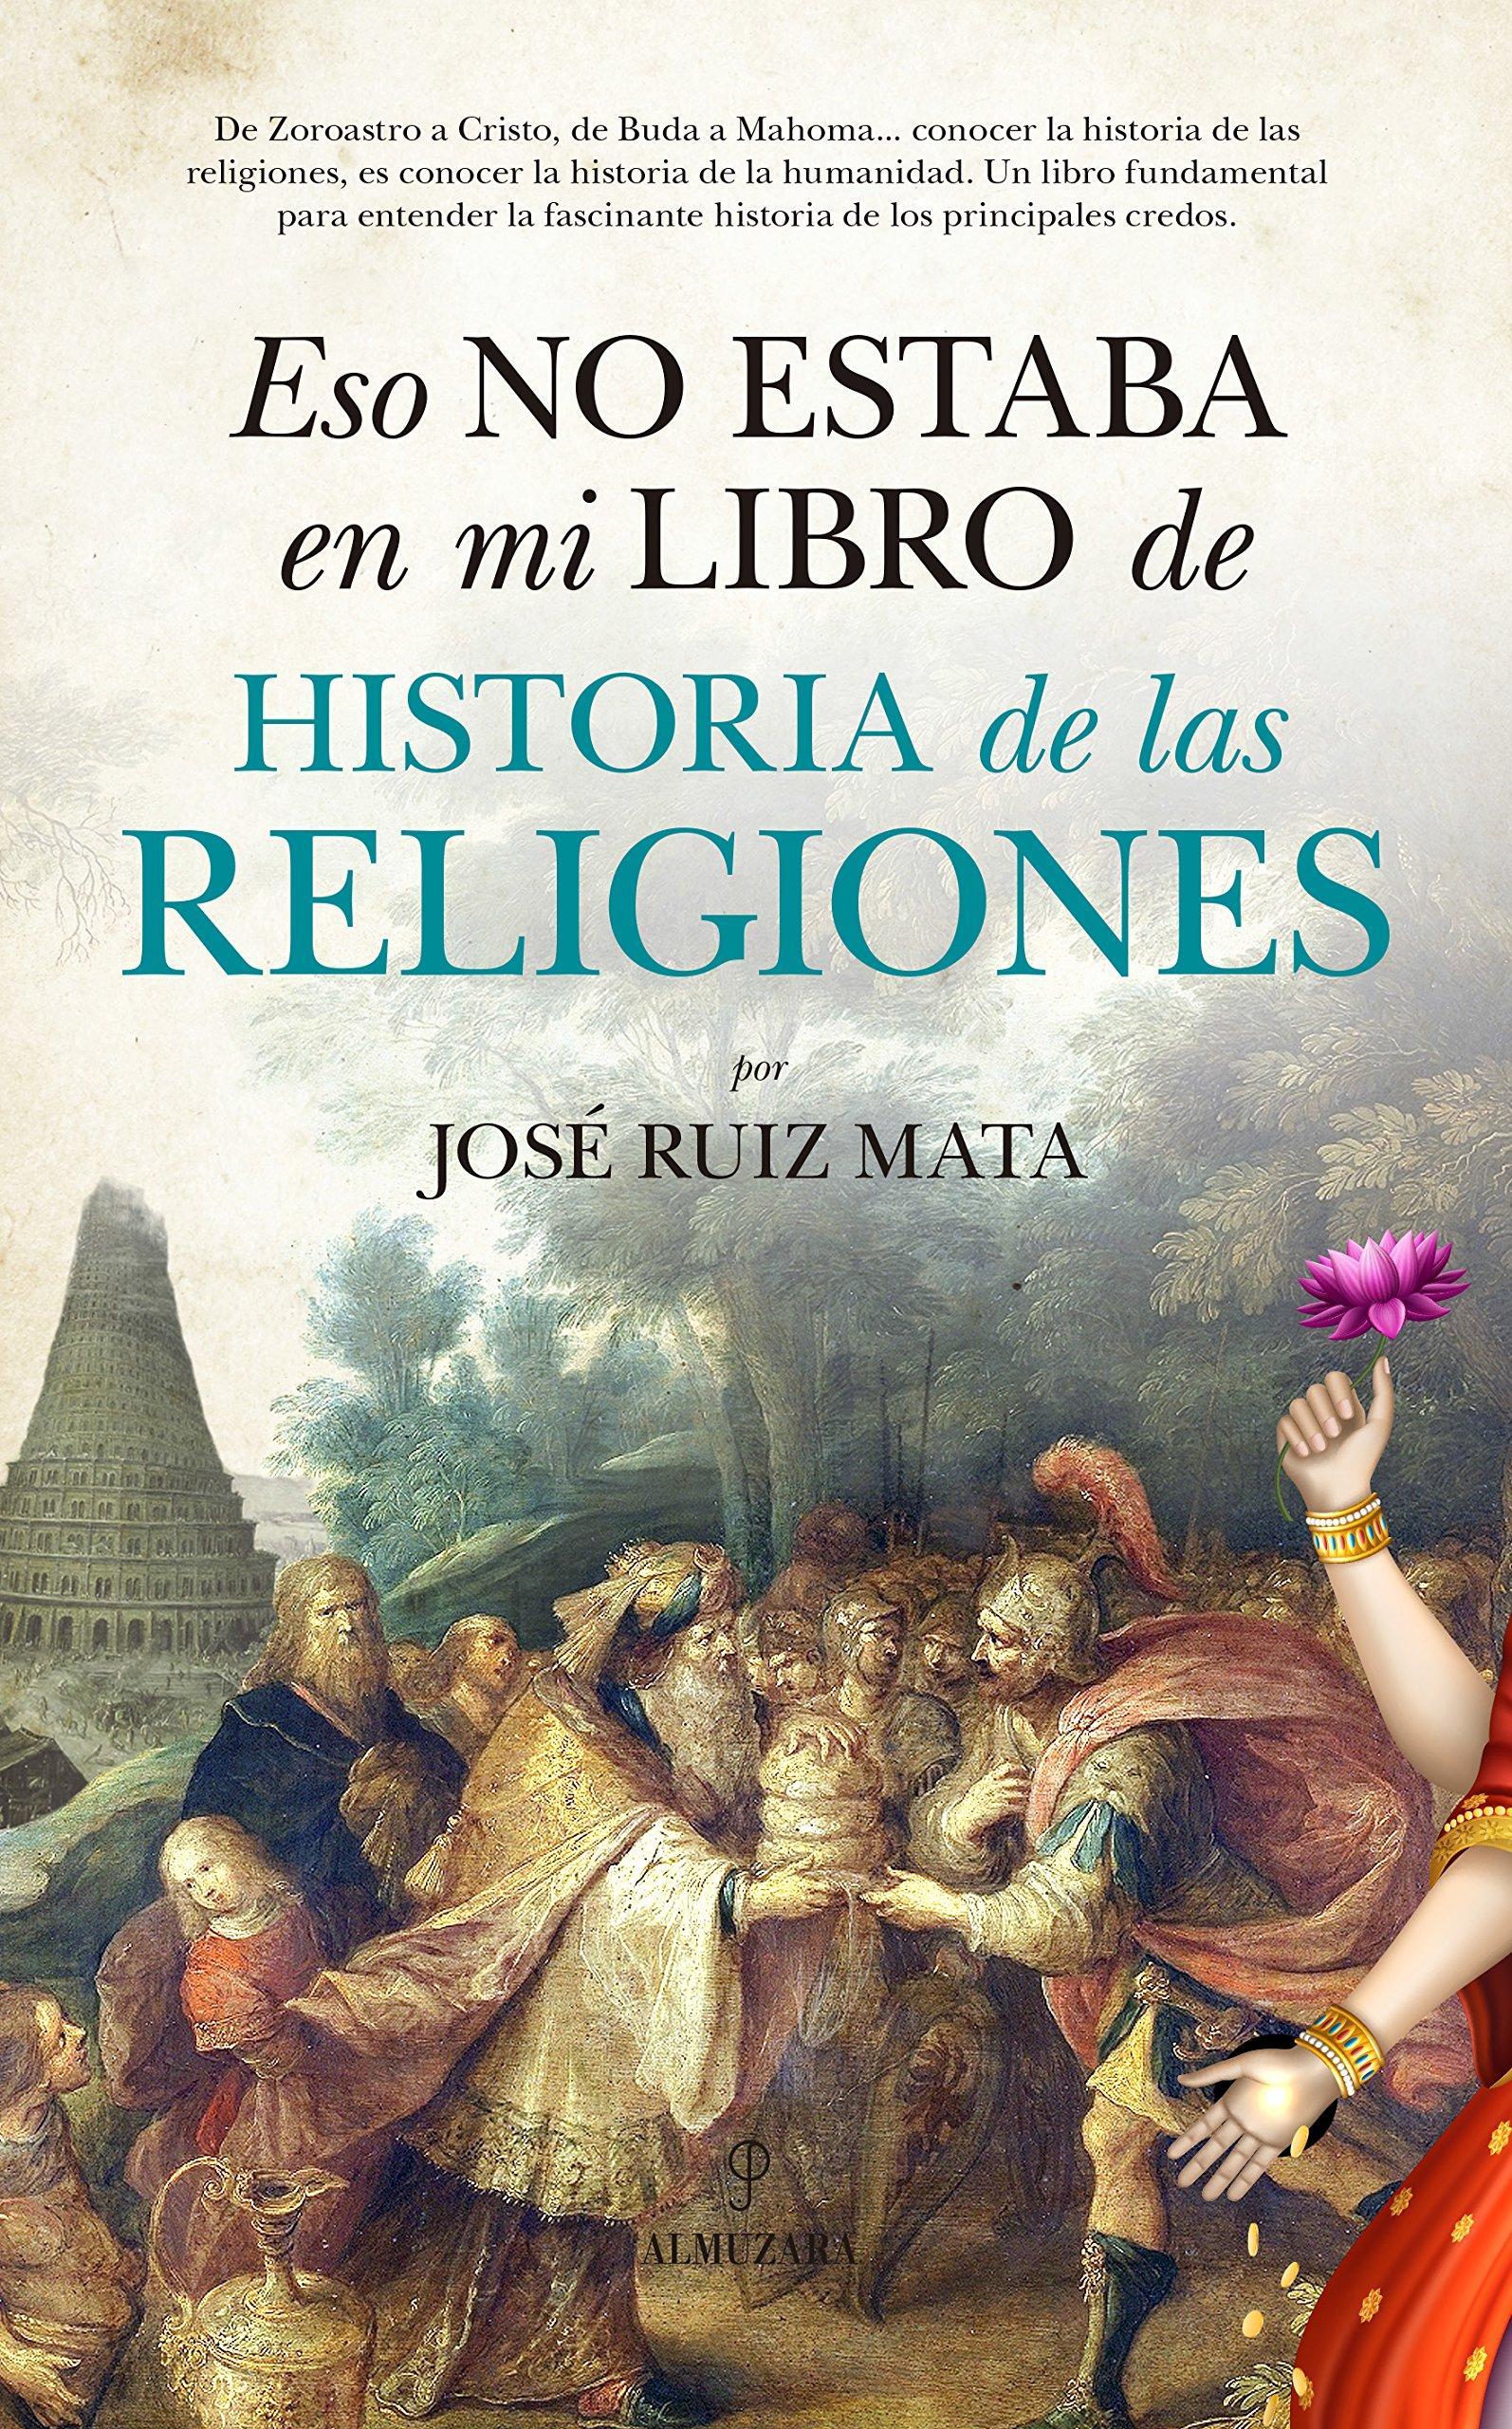 Eso No Estaba En Mi Libro de Historia de las Religiones: Amazon.es ...